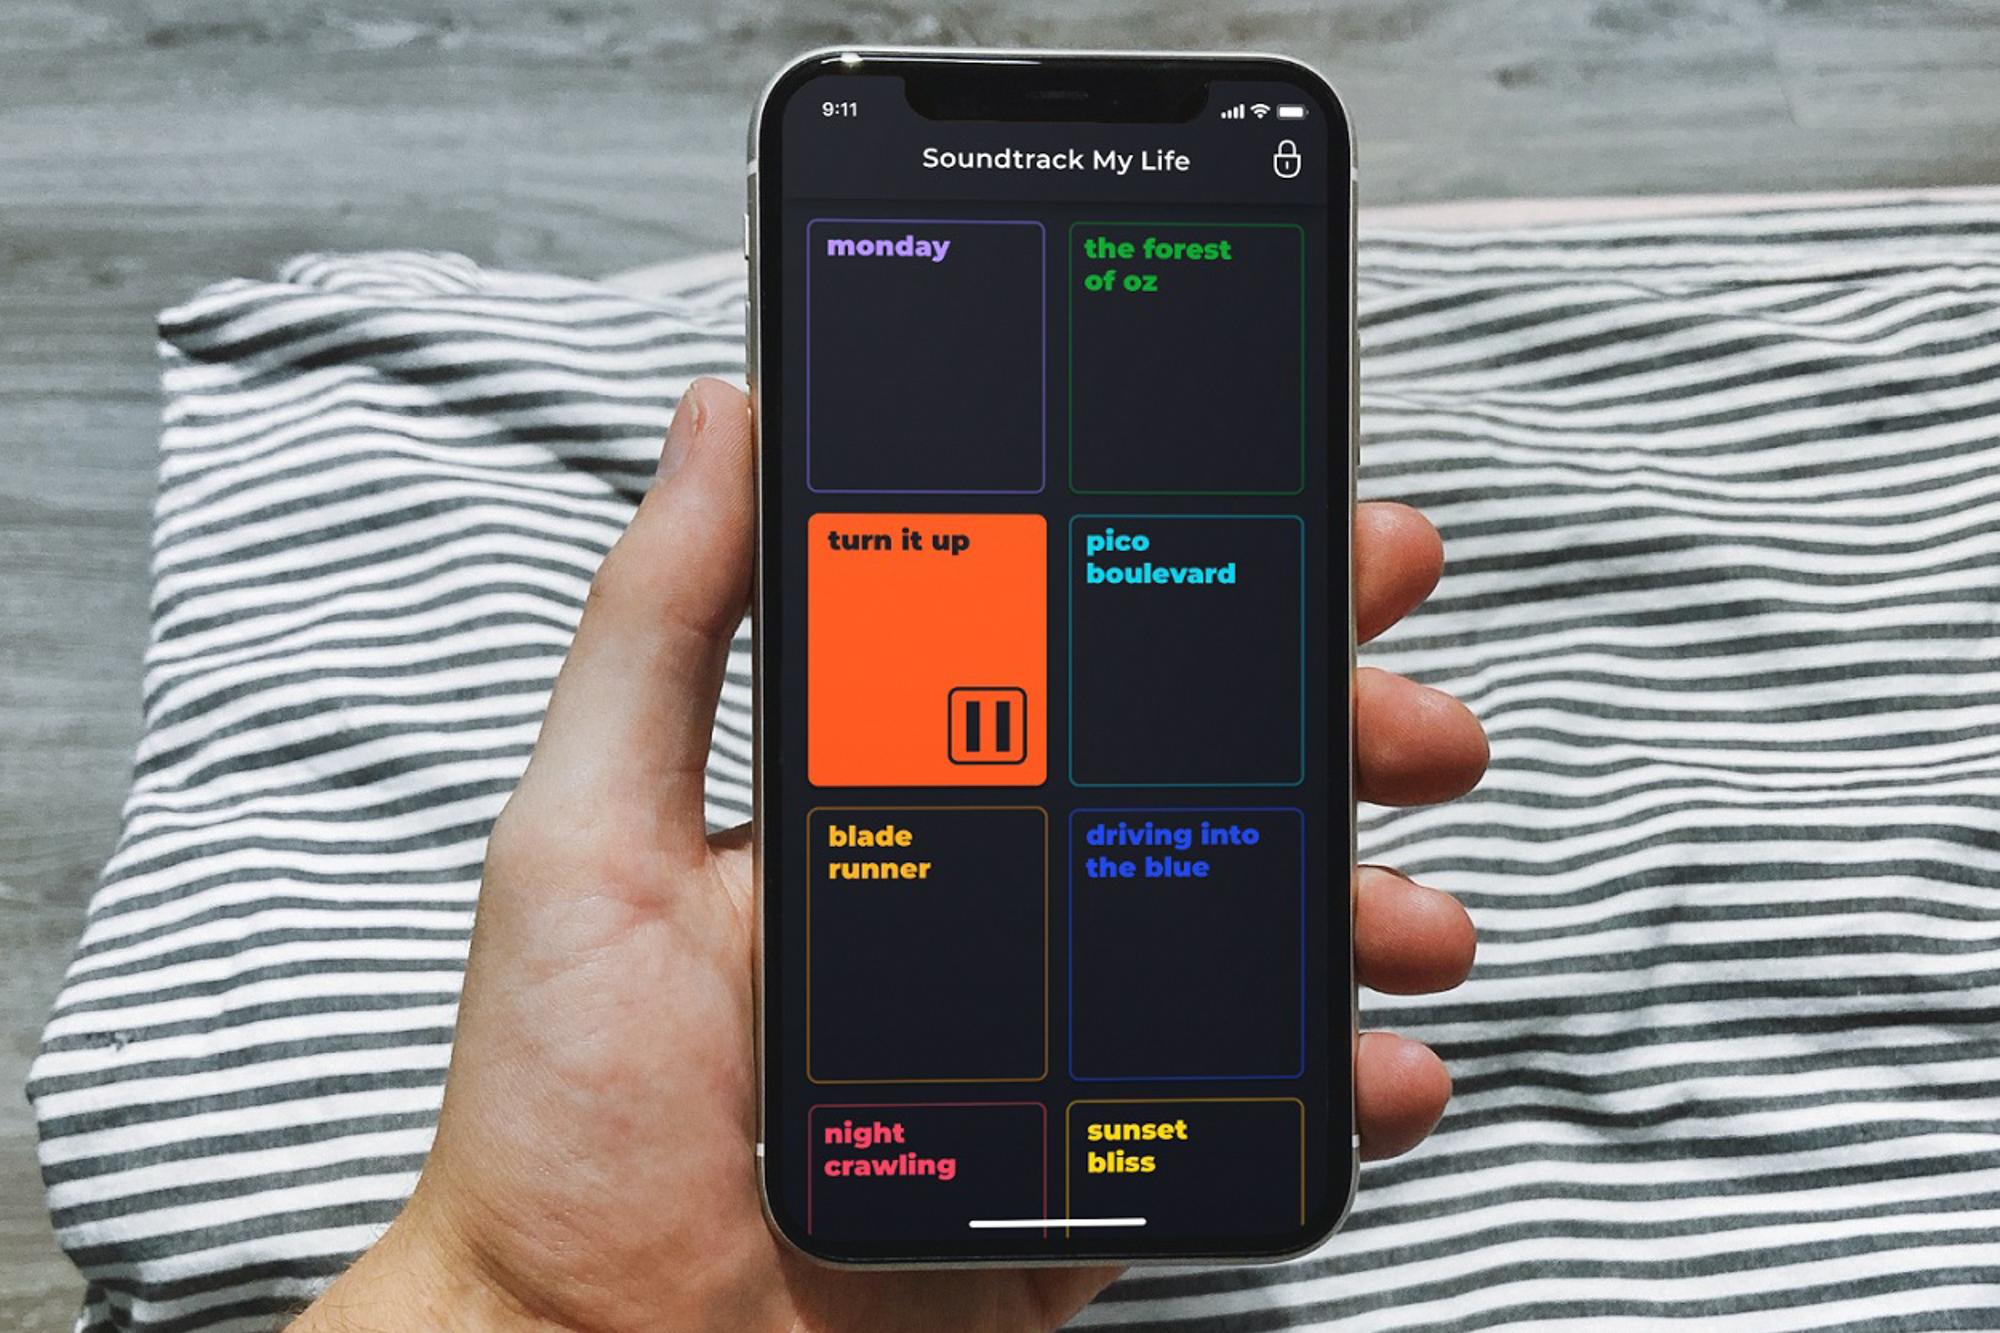 未來,Porsche Digital 所開發的 Soundtrack My Life 應用程式將編著專屬的音樂,陪伴車主每趟駕駛旅程。